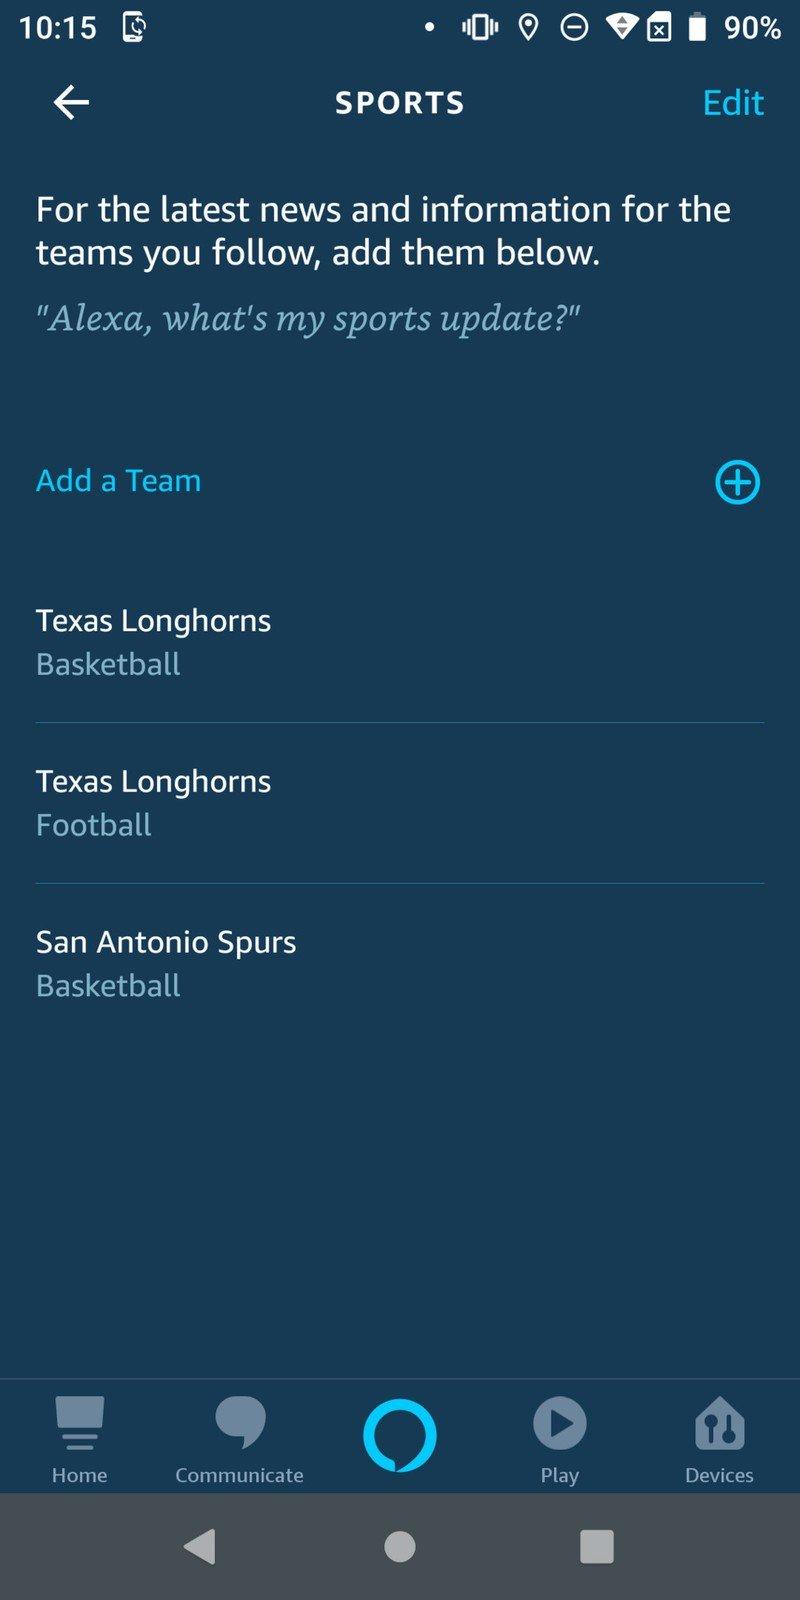 alexa-app-sports-2_0.jpg?itok=KBU8rDxZ